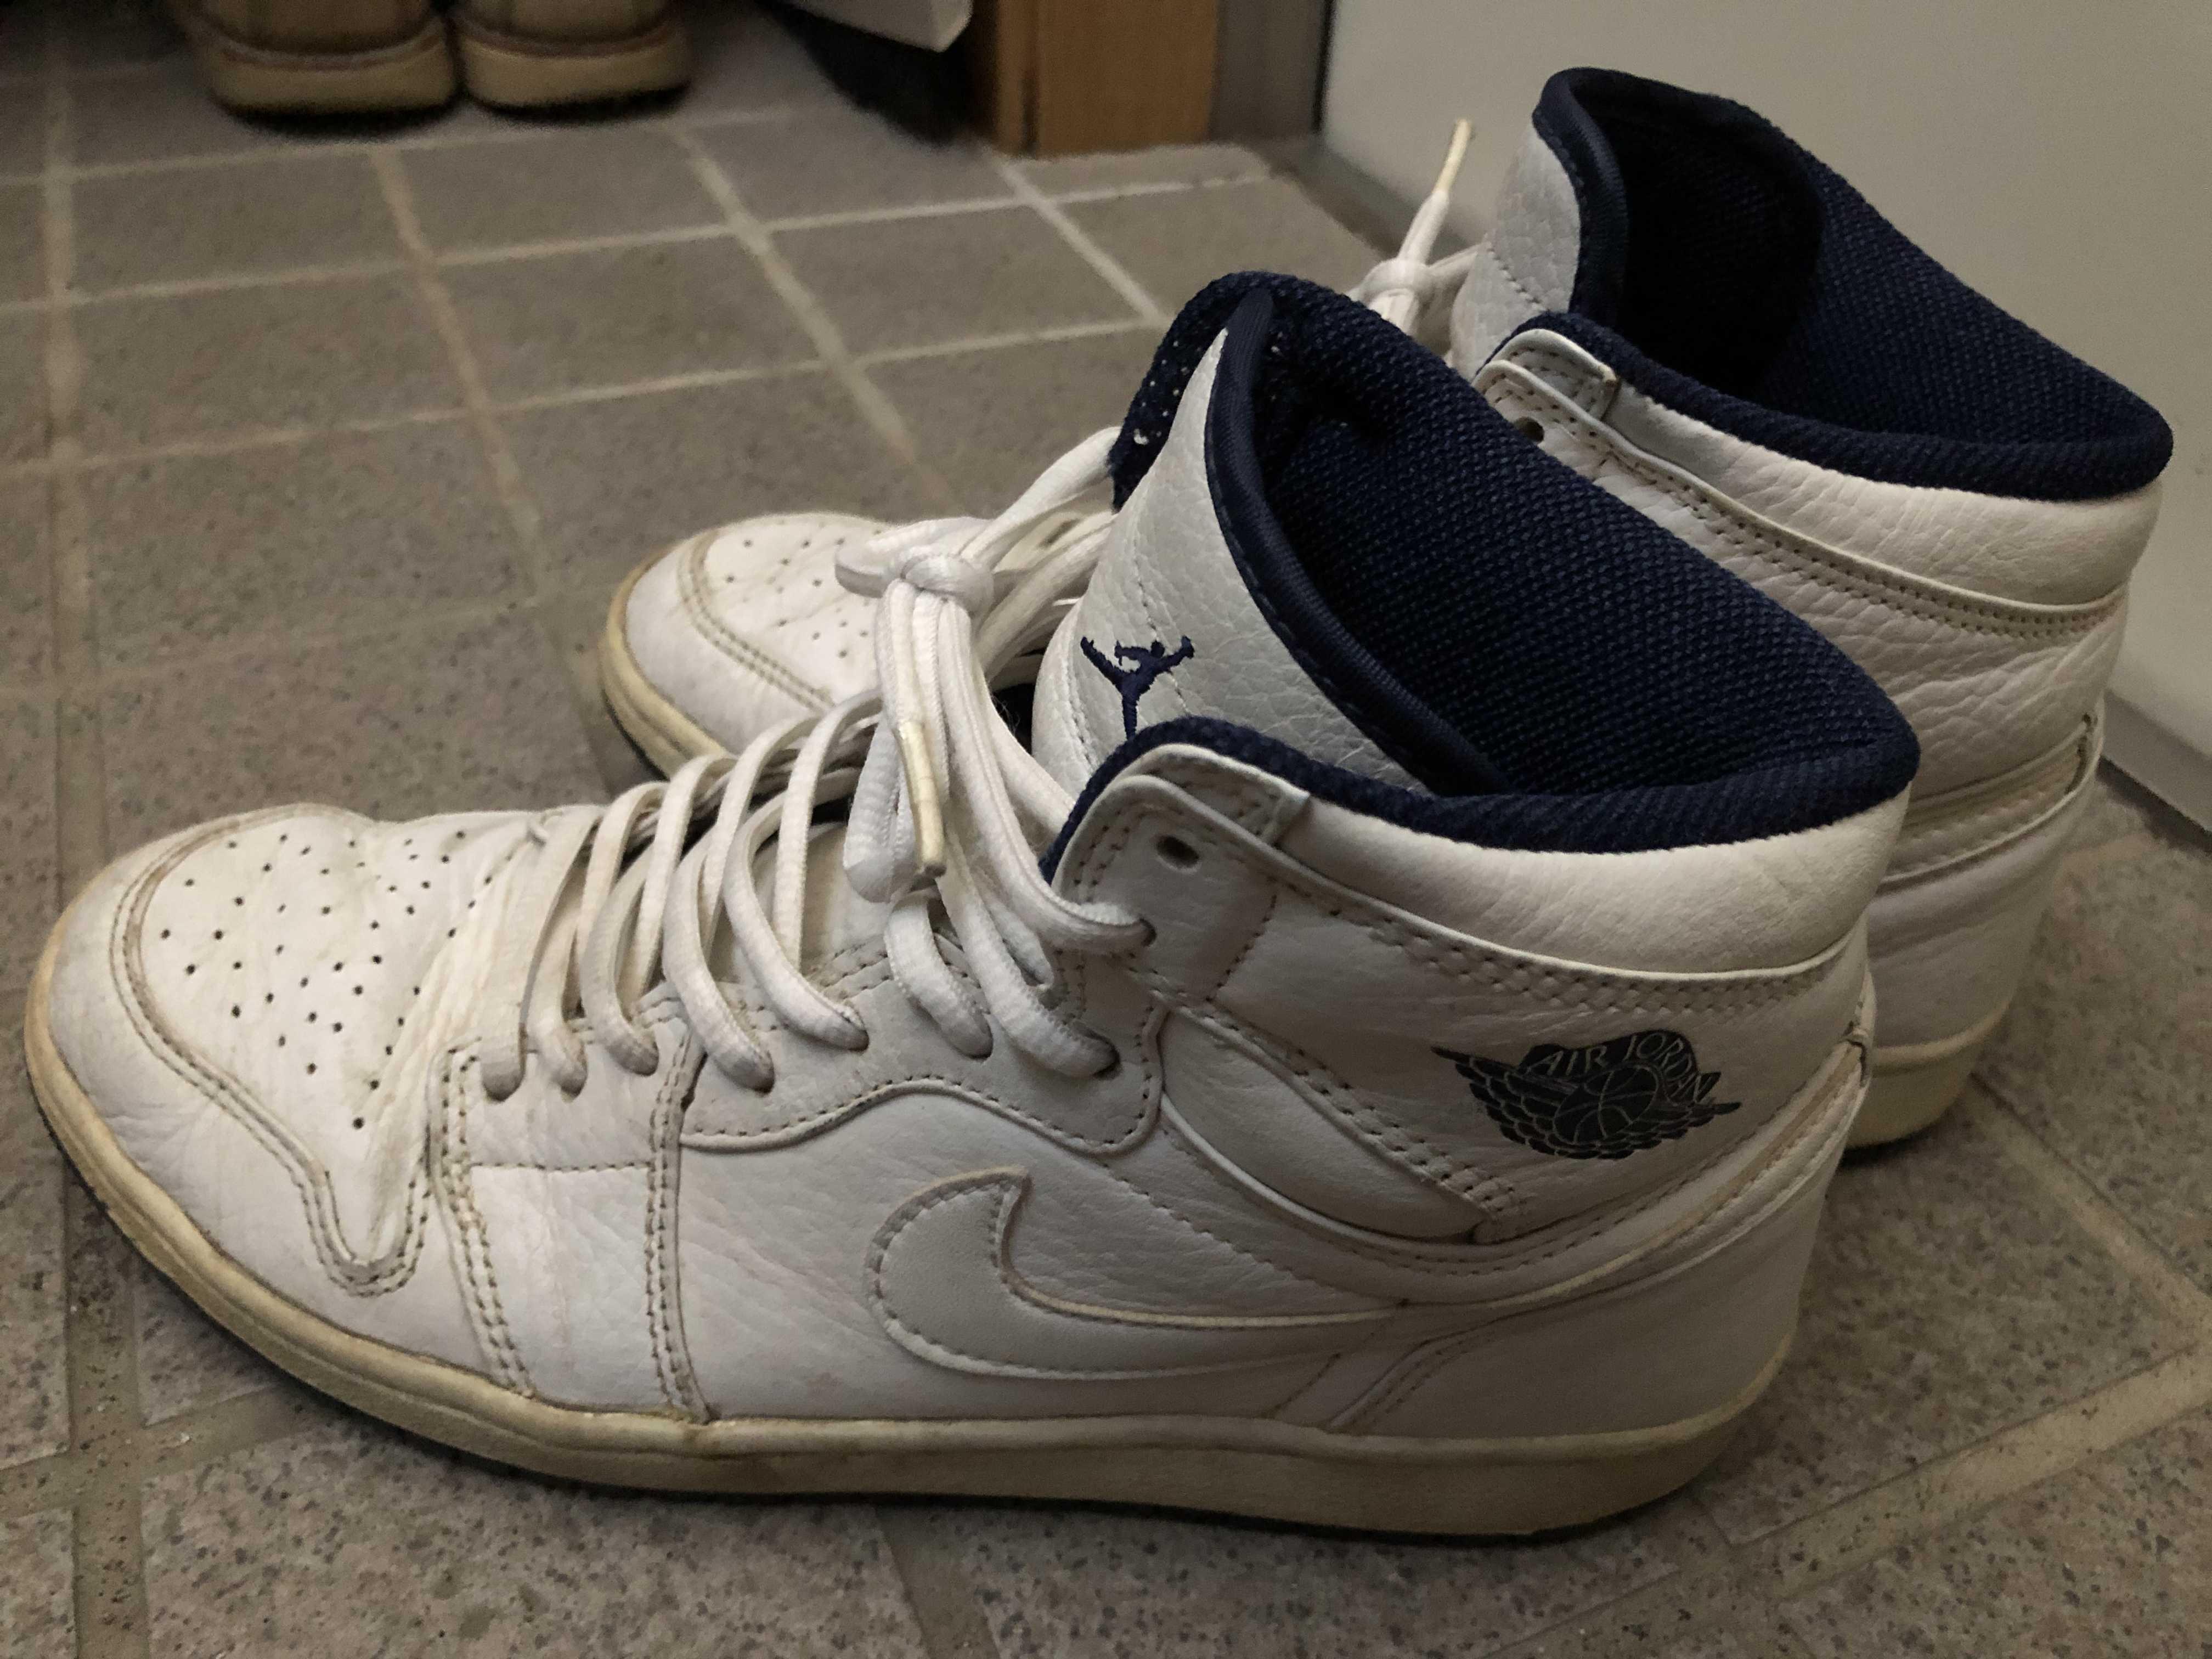 Nike Air Jordan 1 Retro Japan White(2001)